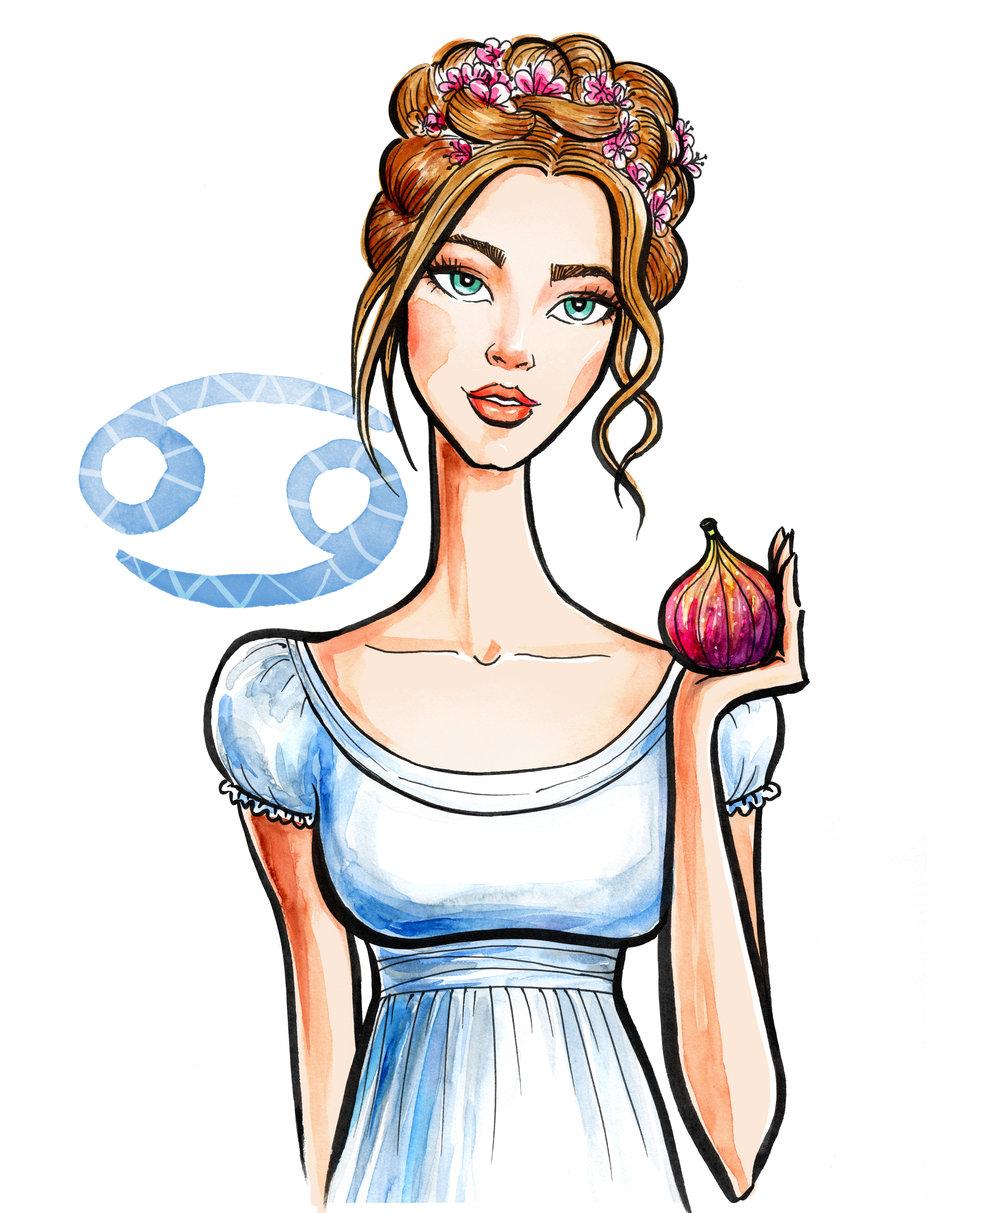 cancer-lightbrown-white-dress.jpg